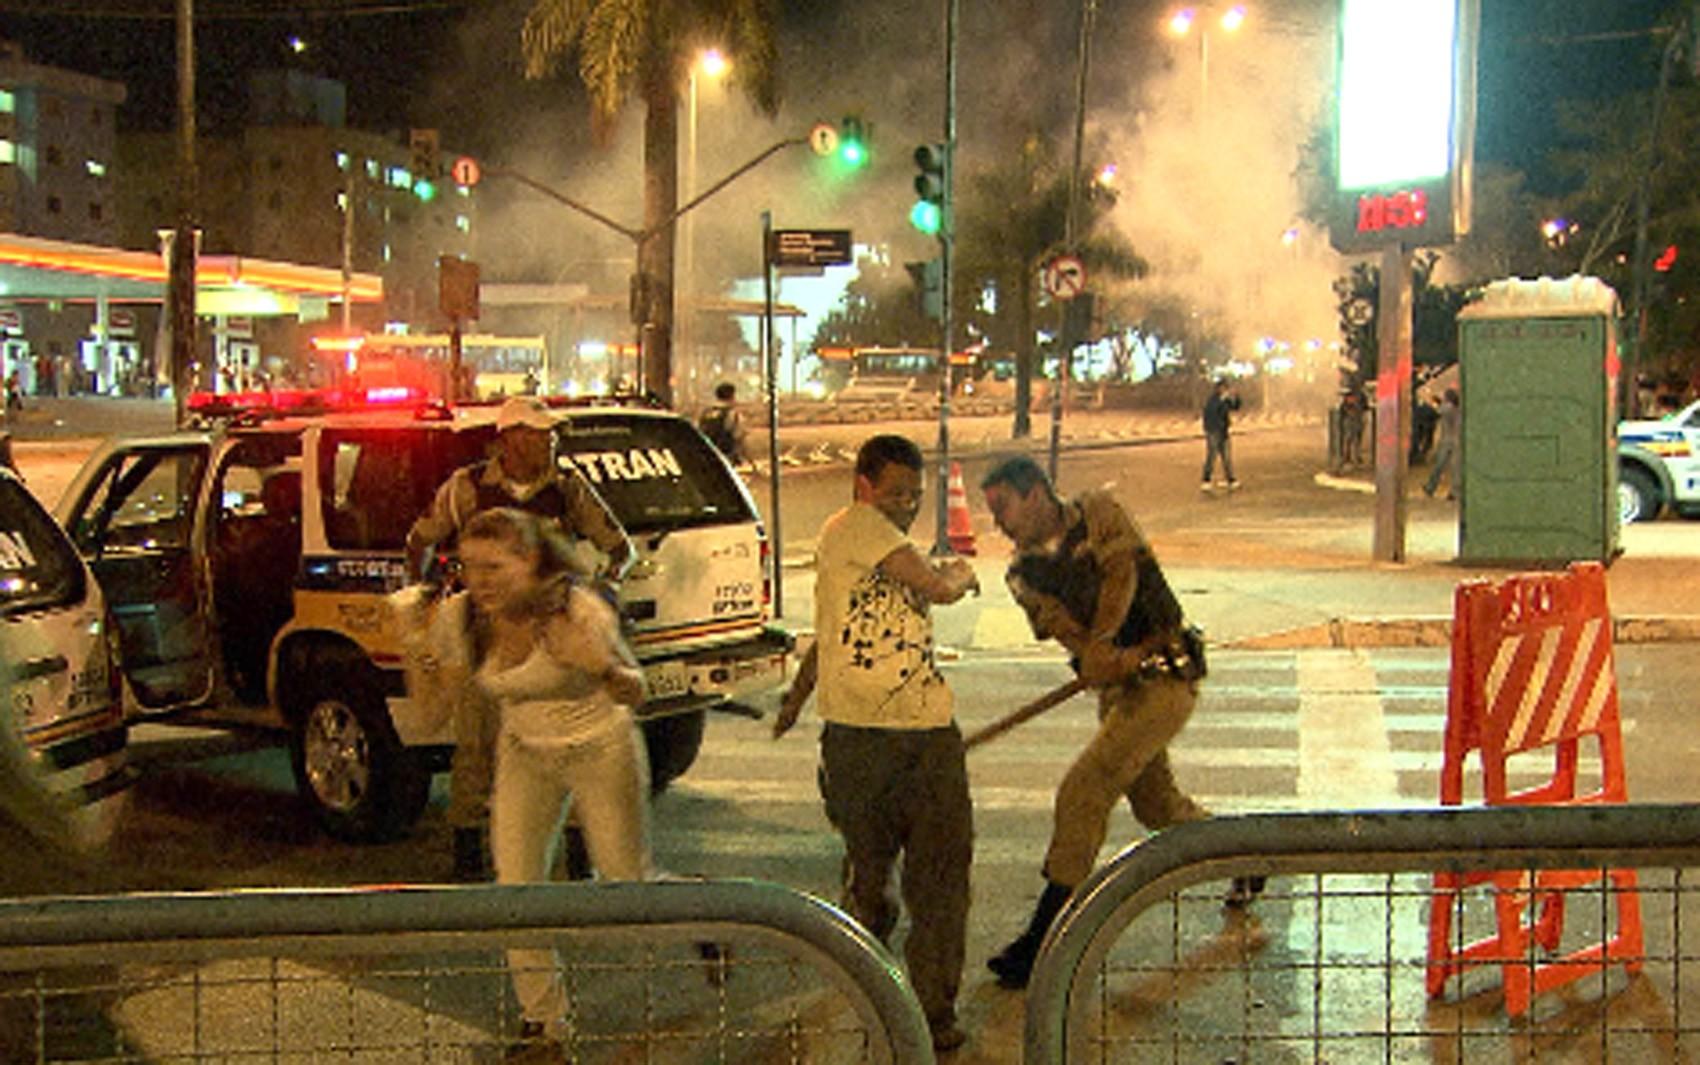 Policial bate com cacetete em homem na Avenida Antônio Carlos, em Belo Horizonte (Foto: Reprodução/TV Globo)